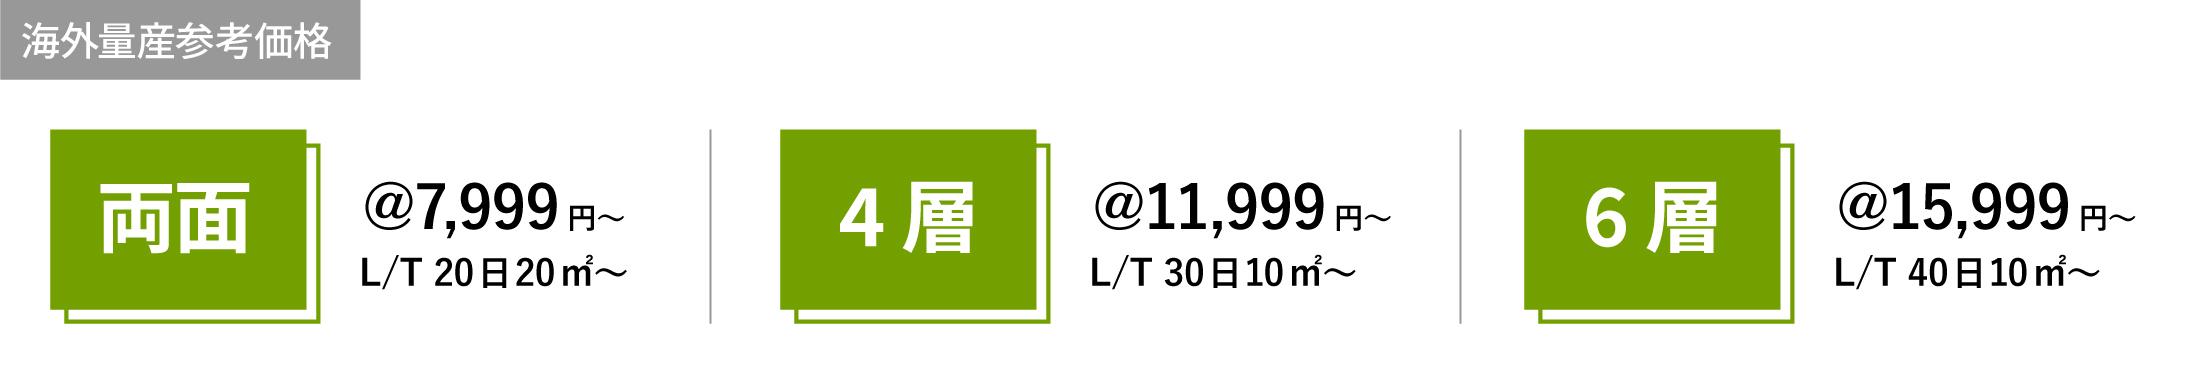 海外量産参考価格両面@7,999円?L/T 20日20m²?4層@11,999円?L/T 30日10m²?6層@15,999円?L/T 40日10m²?